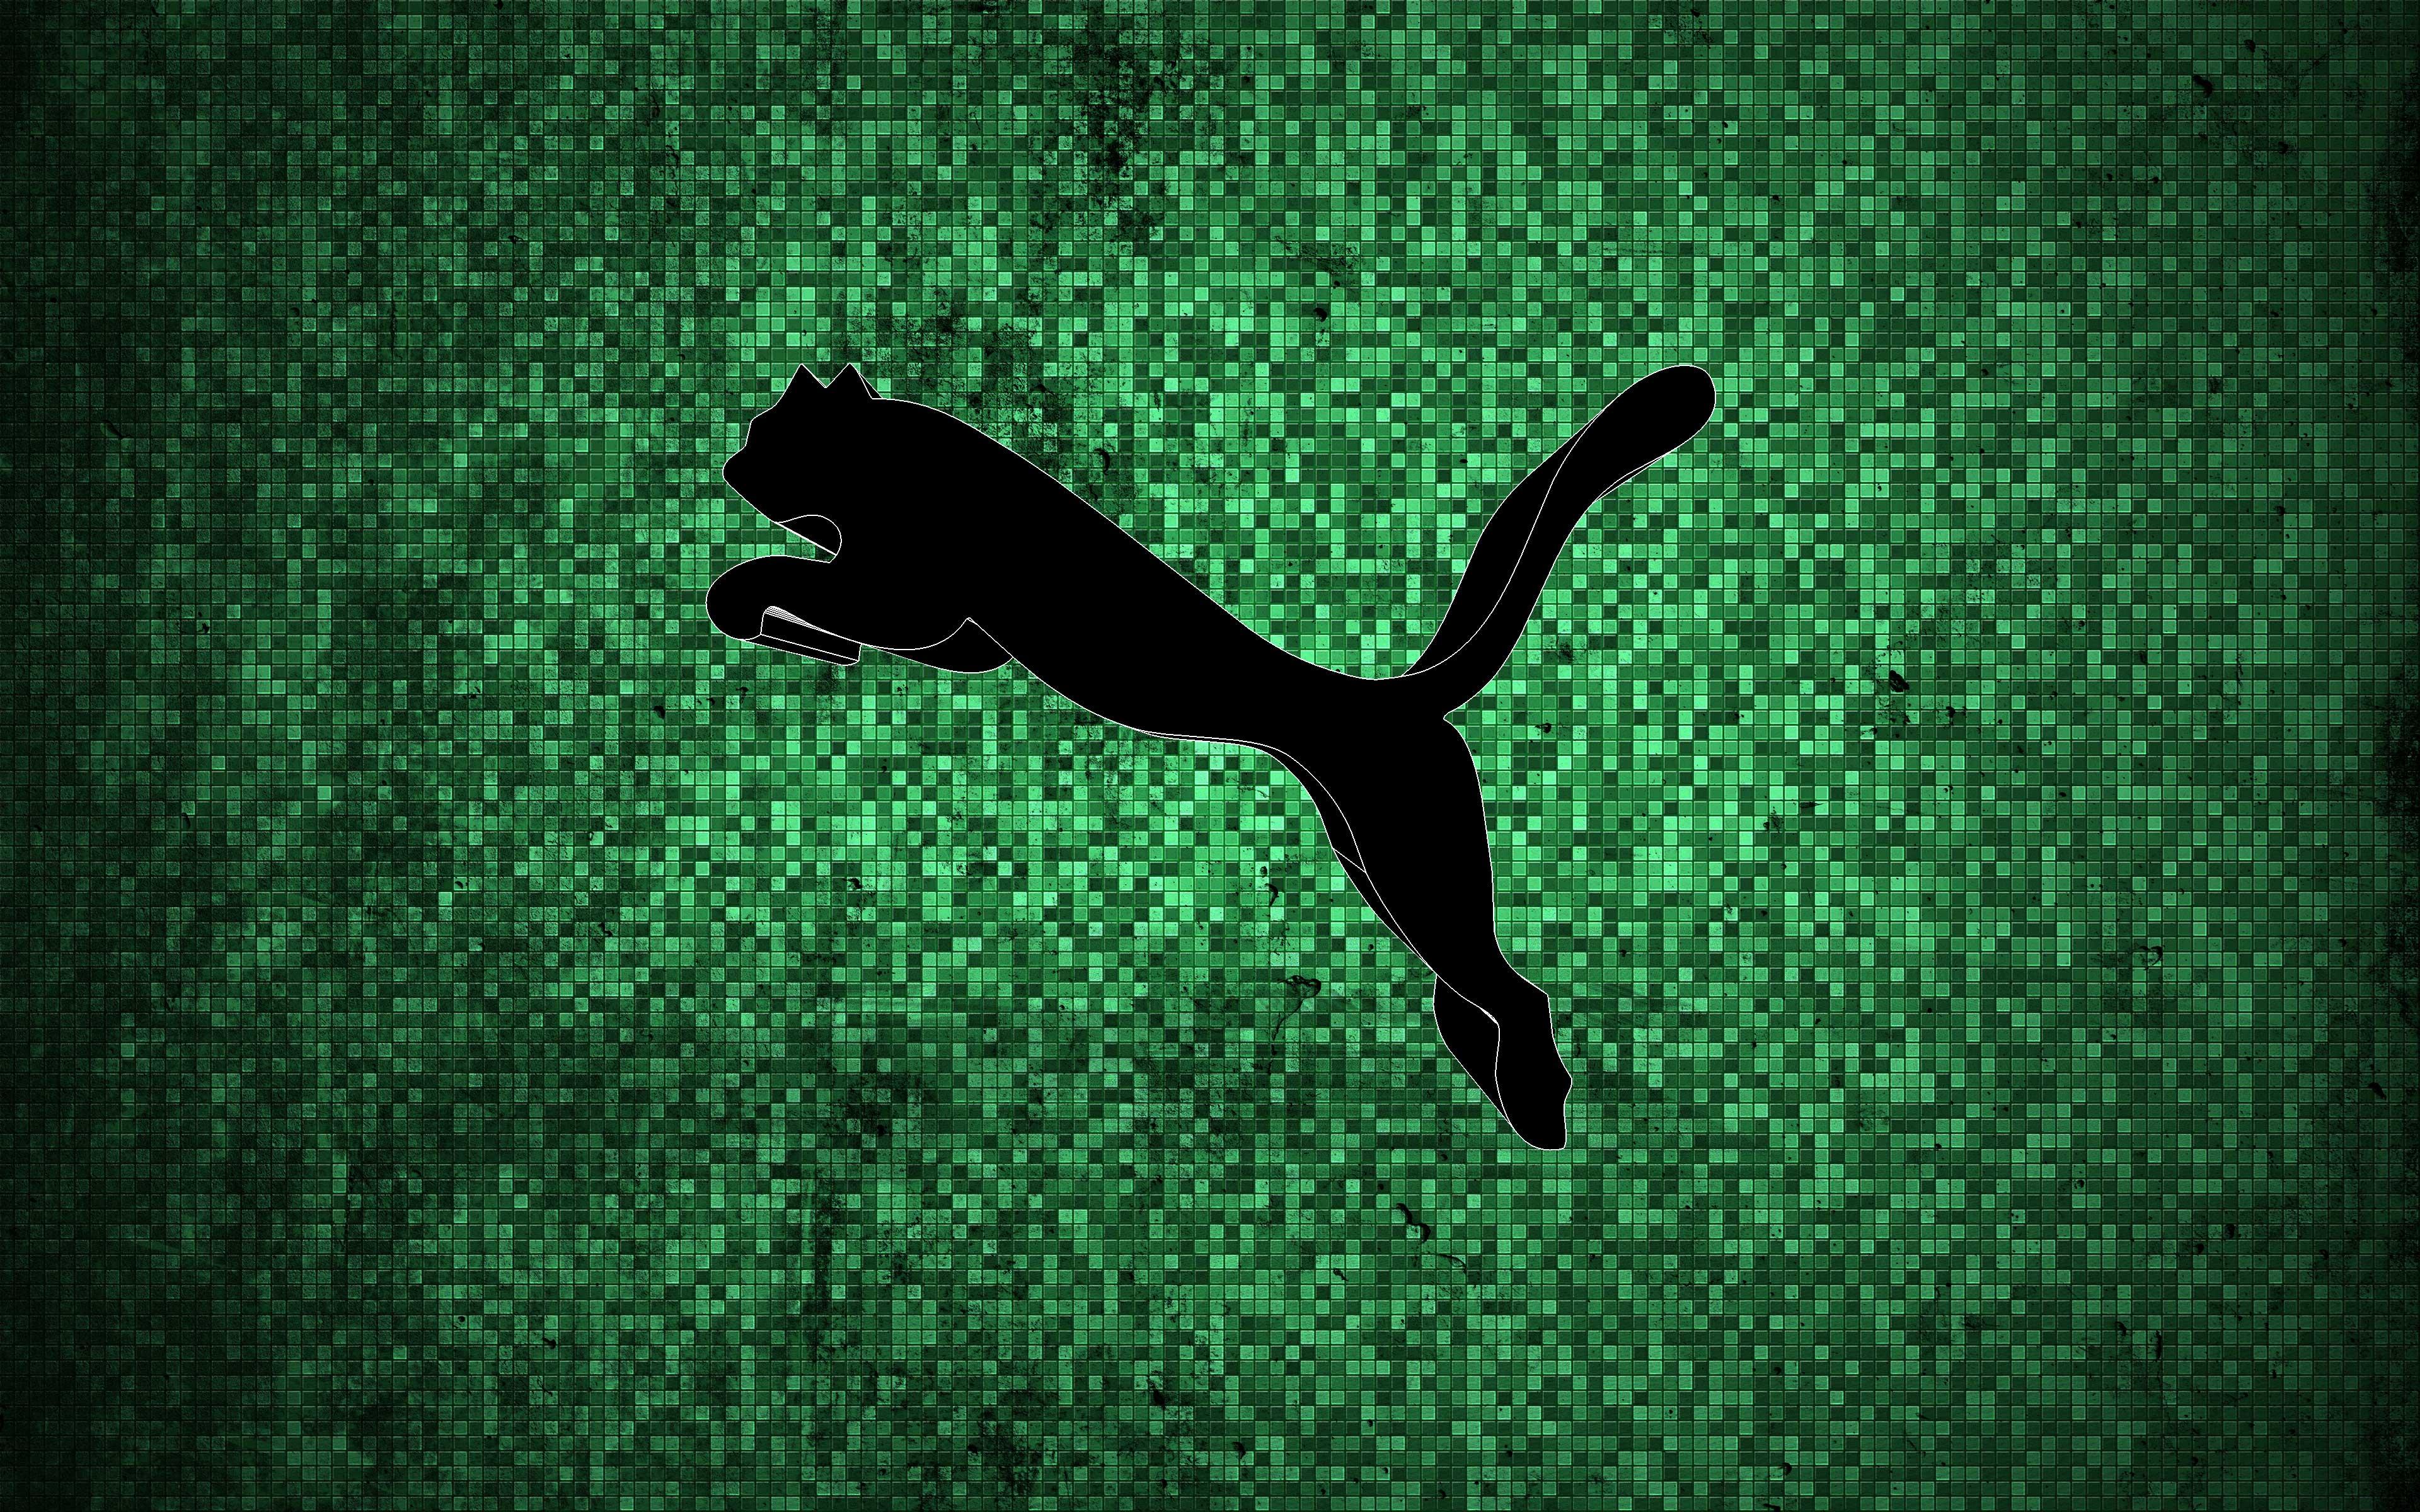 Puma 3D Logo 2014 Wallpaper 3840x2400